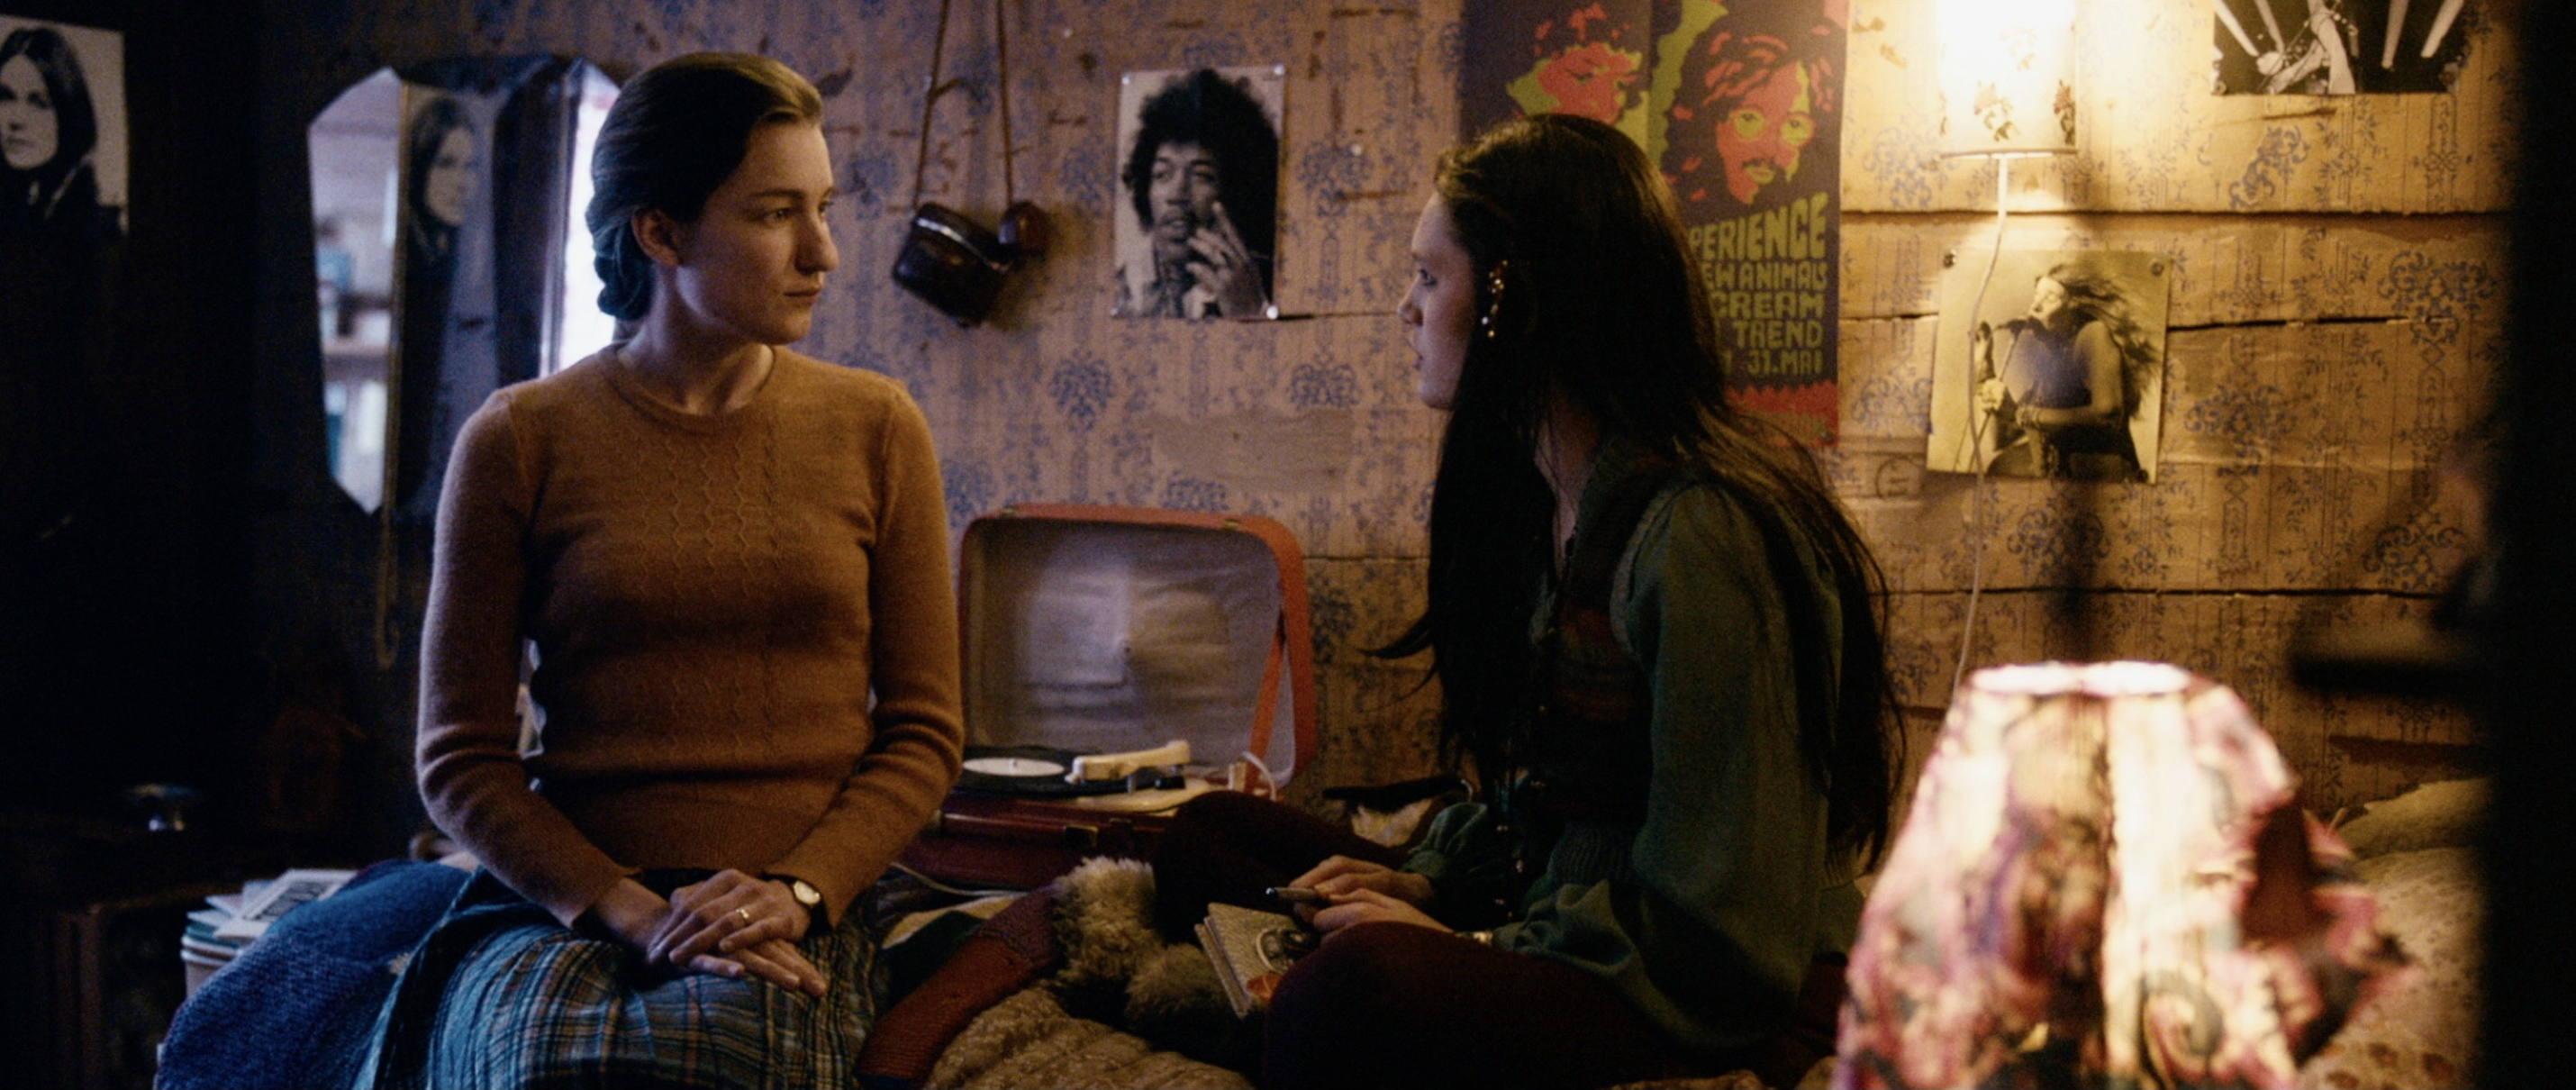 Die göttliche Ordnung - The Divine Order - Nora und Hanna - Regie Petra Volpe - Kamera Judith Kaufmann